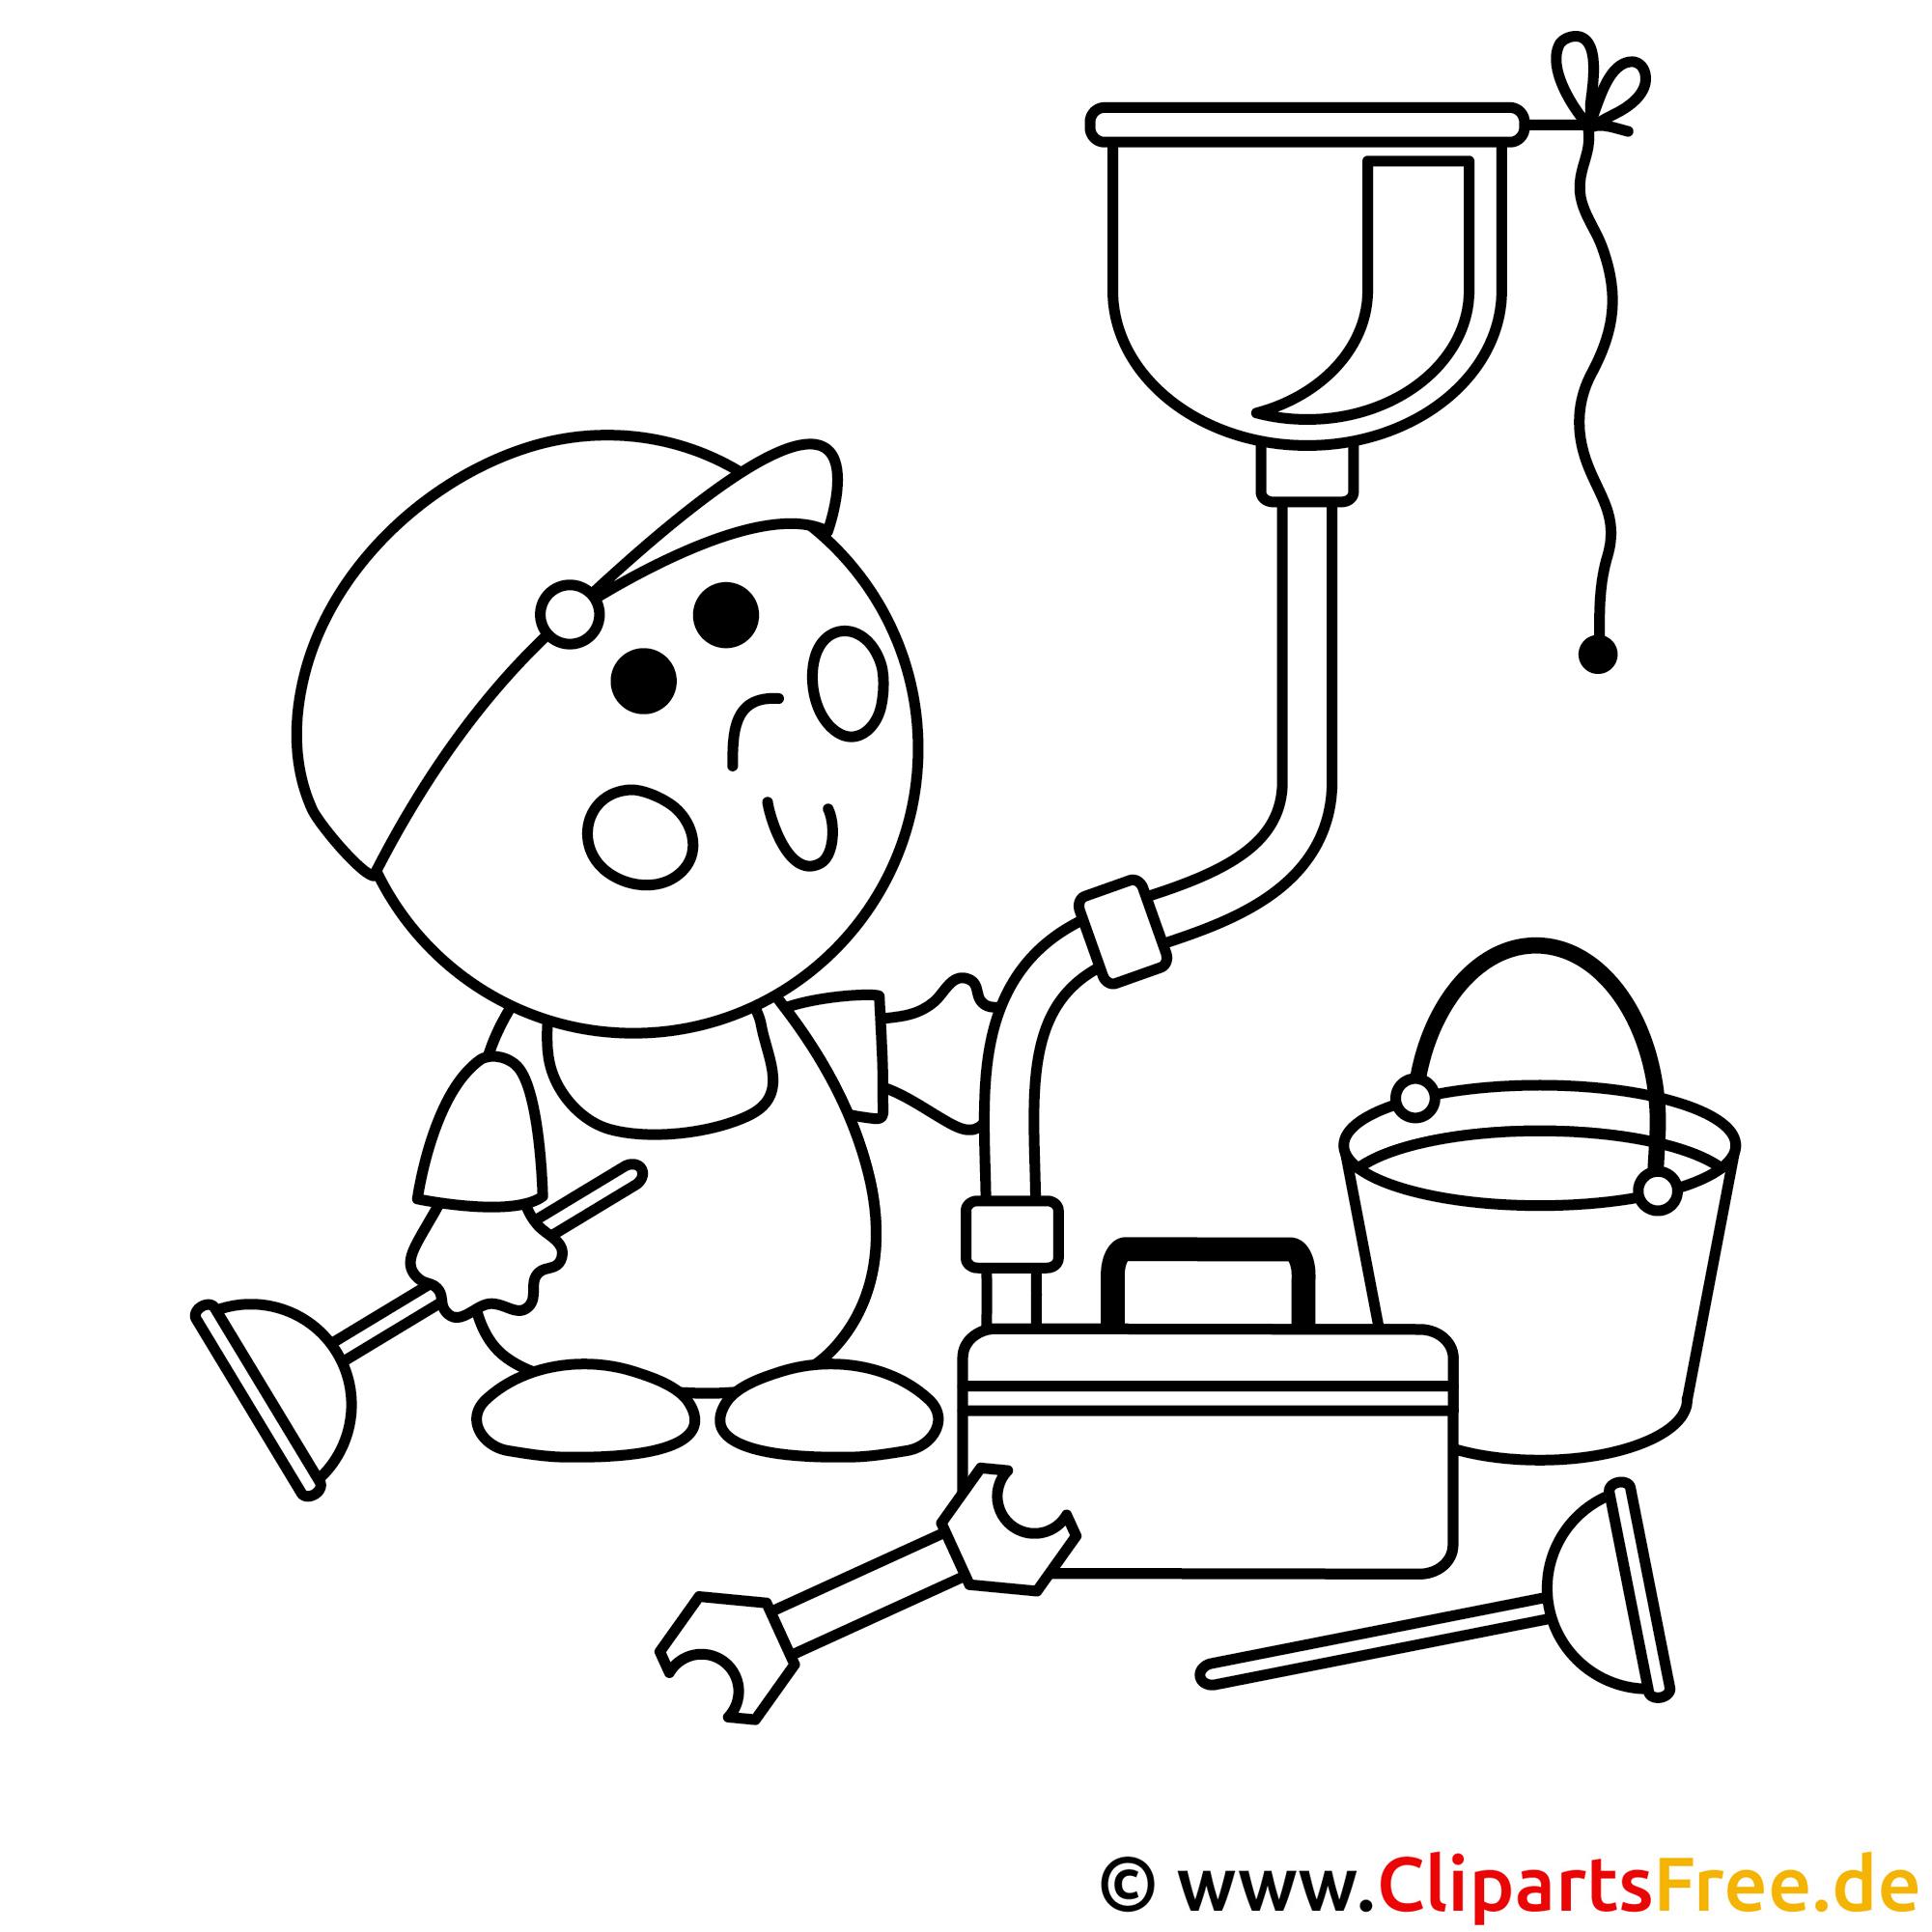 Handwerker Bild zum Ausmalen, Malvorlage